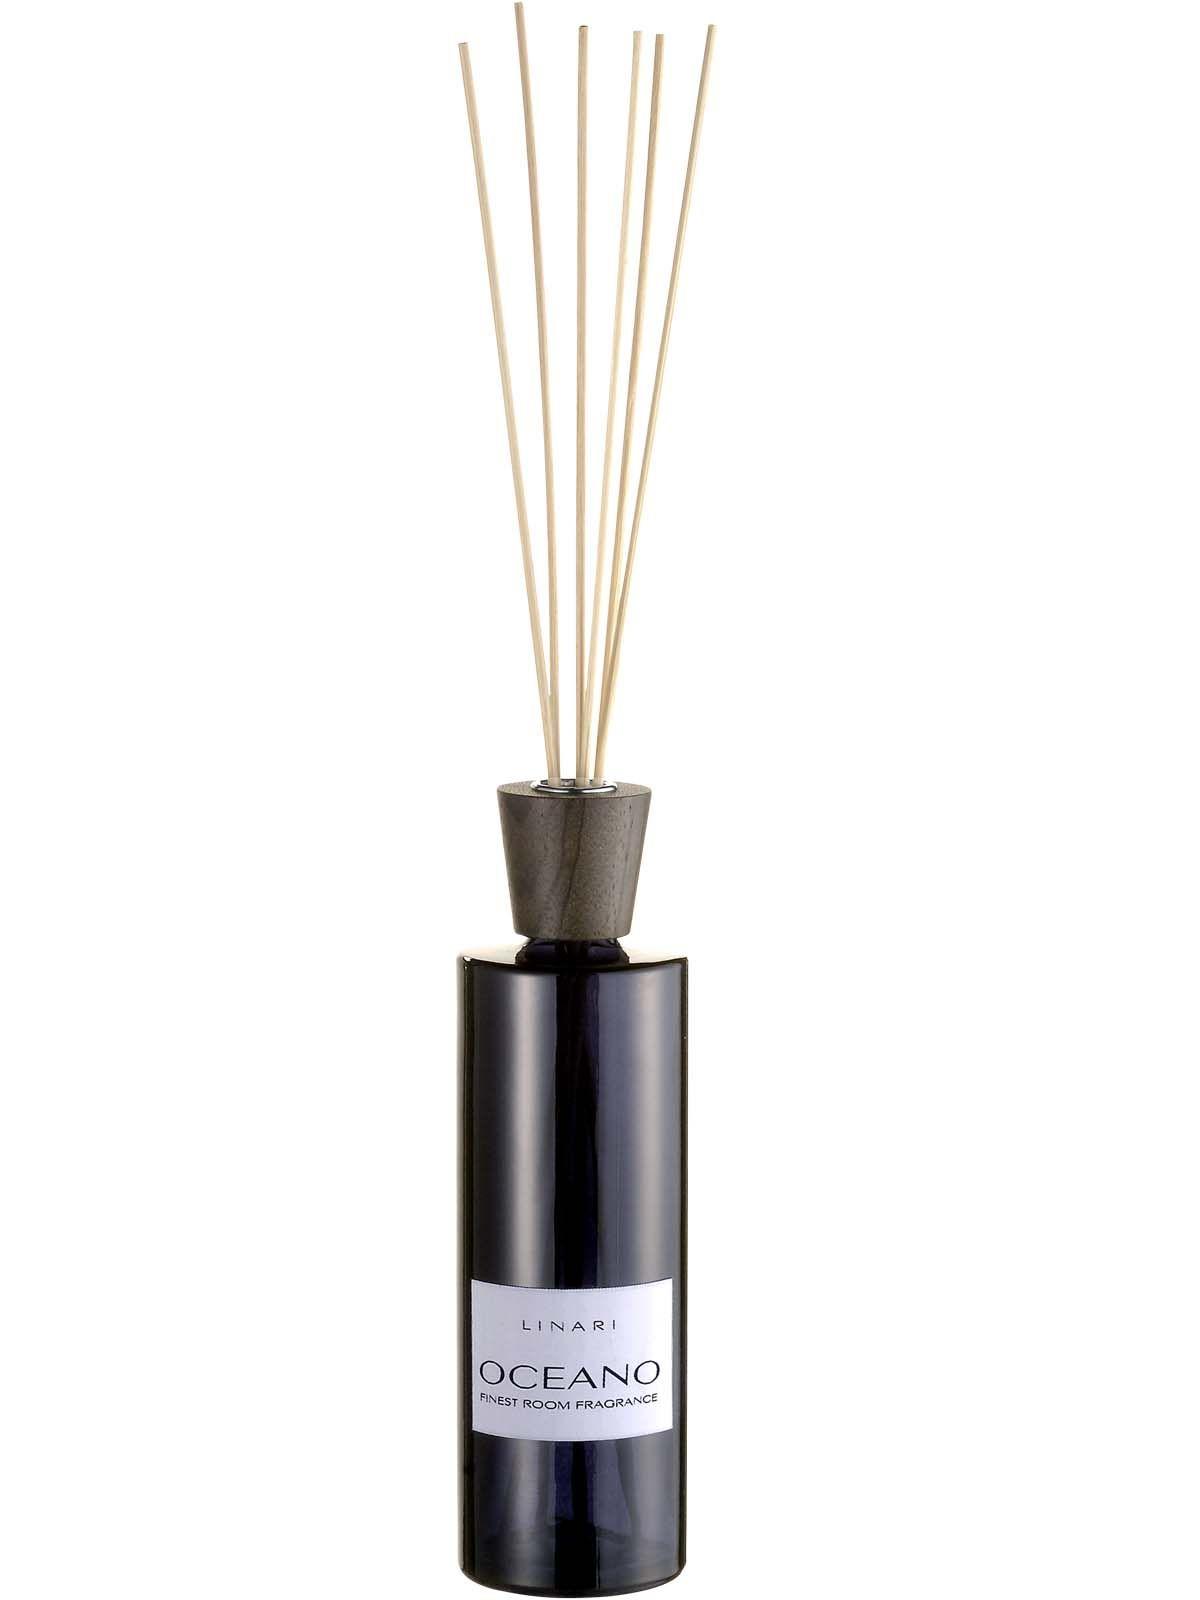 LINARI - finest fragrances